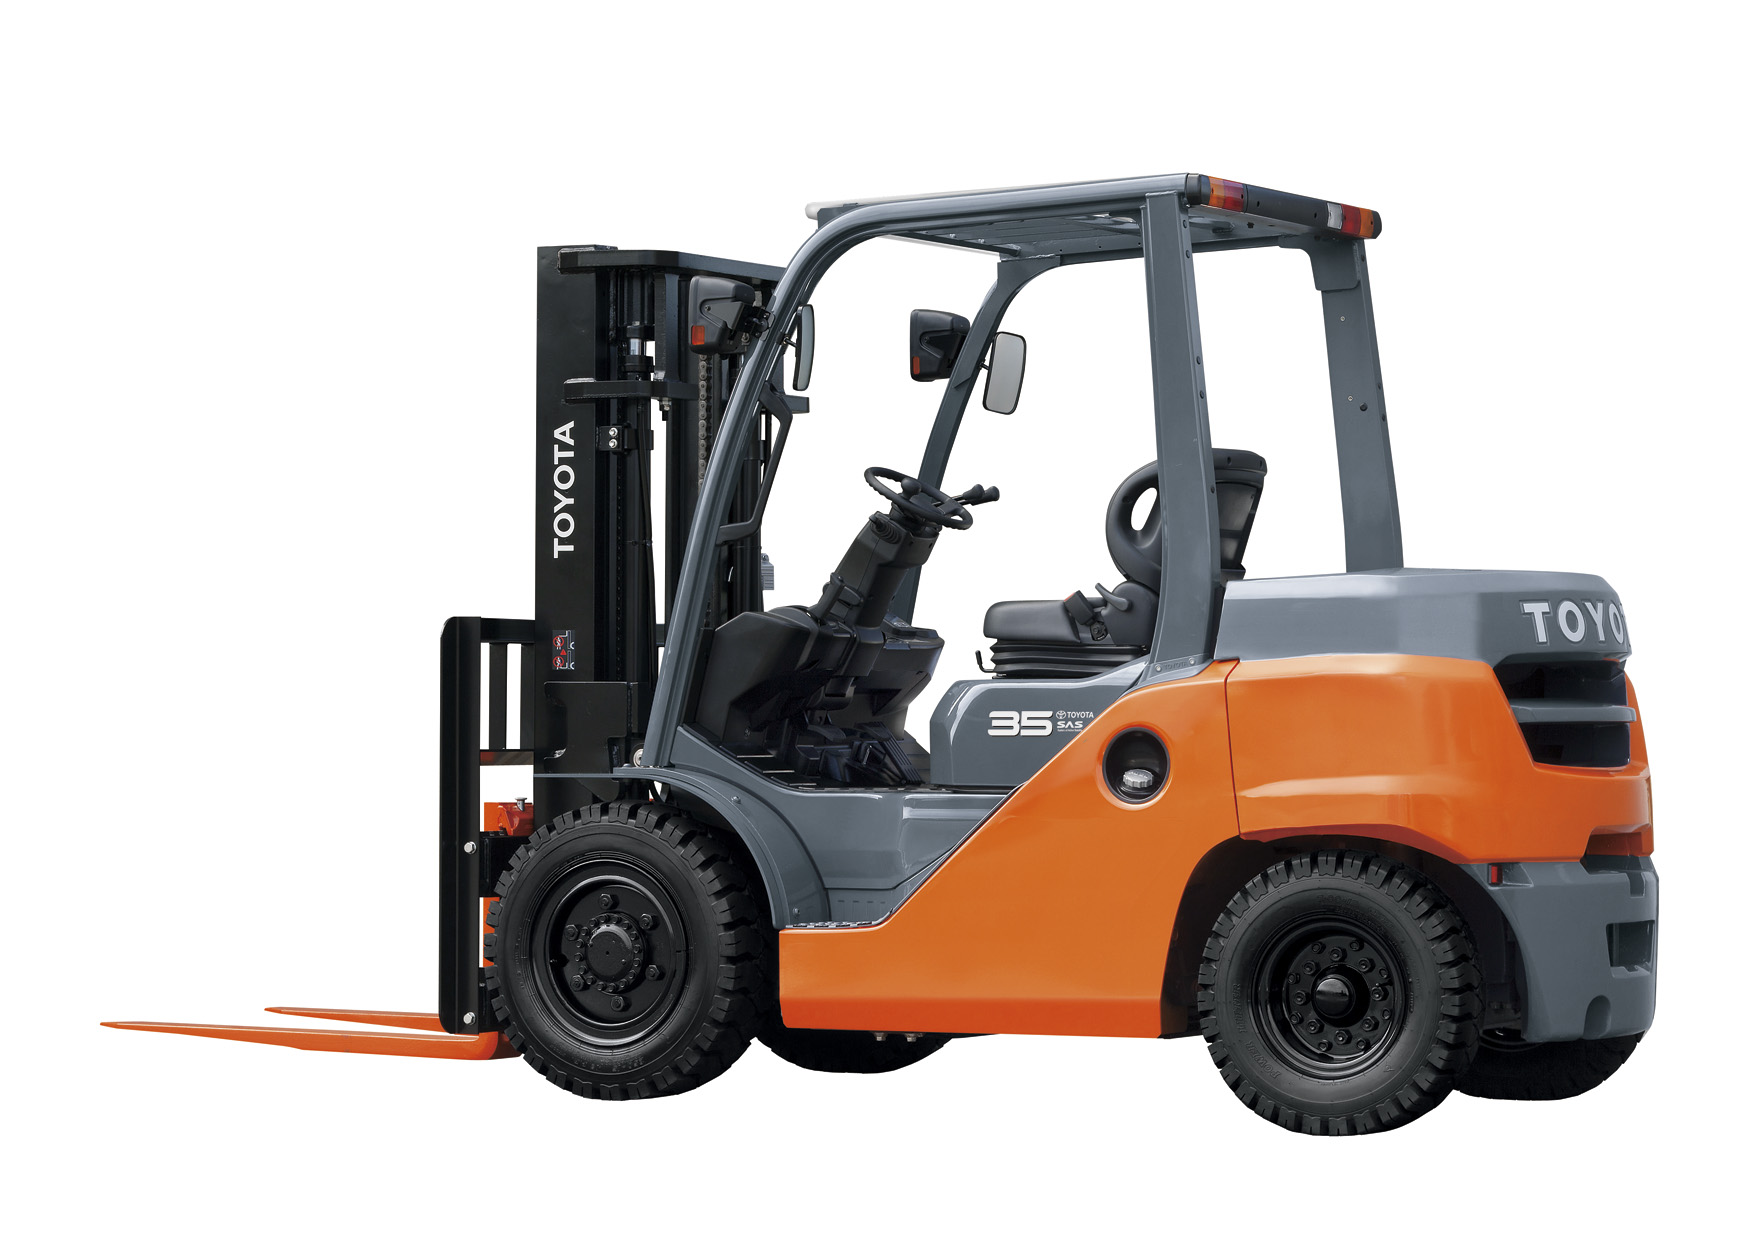 Toyota Forklift 8 Series - 3.5Ton